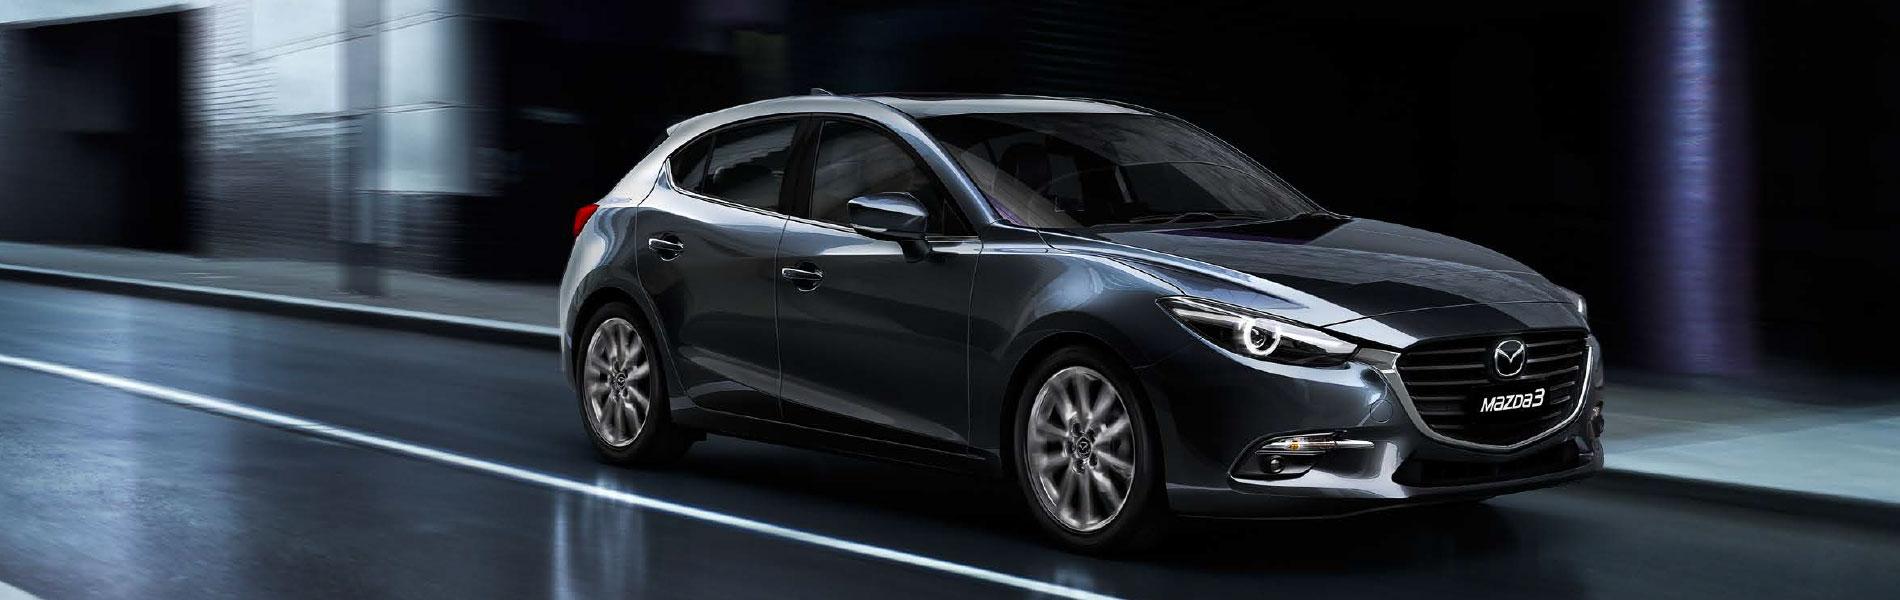 Mazda Mazda3 Image 1